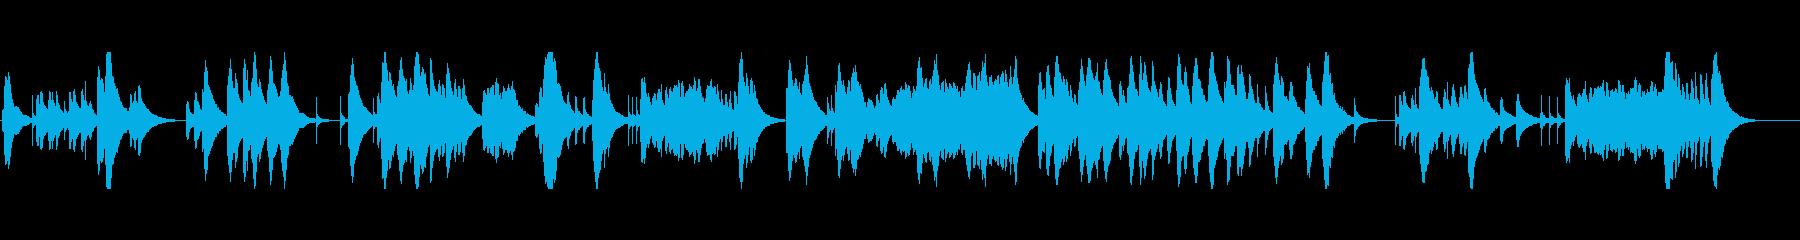 ドビュッシー亜麻色の髪の乙女 オルゴールの再生済みの波形